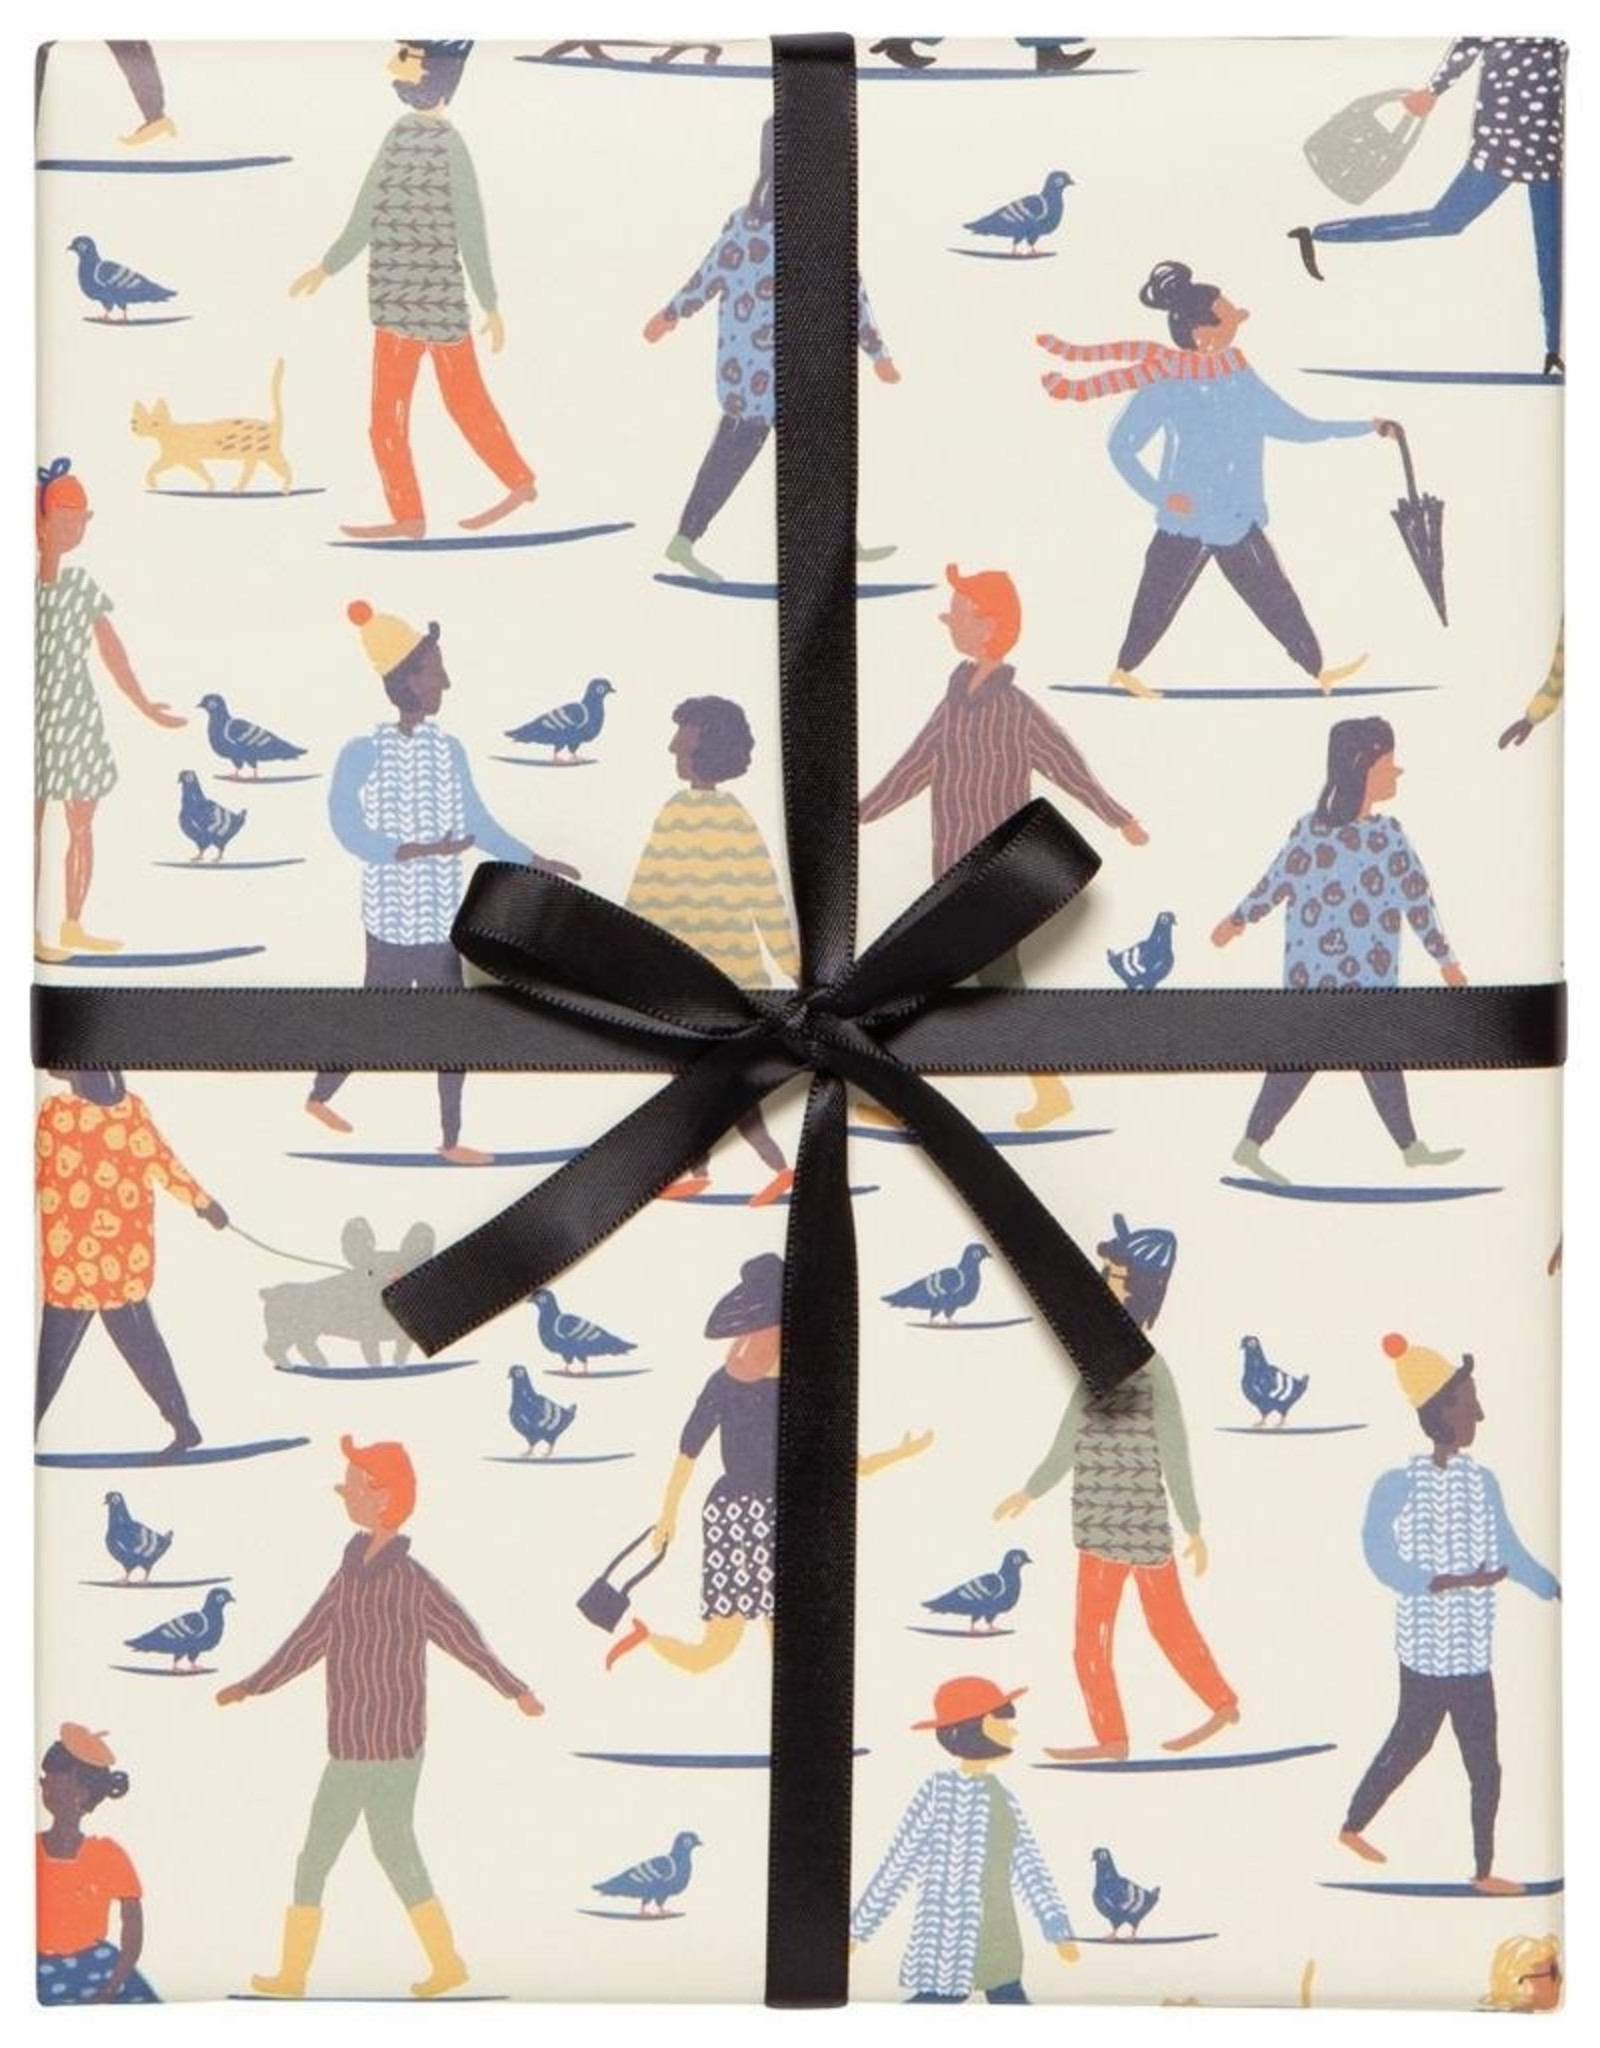 Danica Danica People Person Gift Wrap